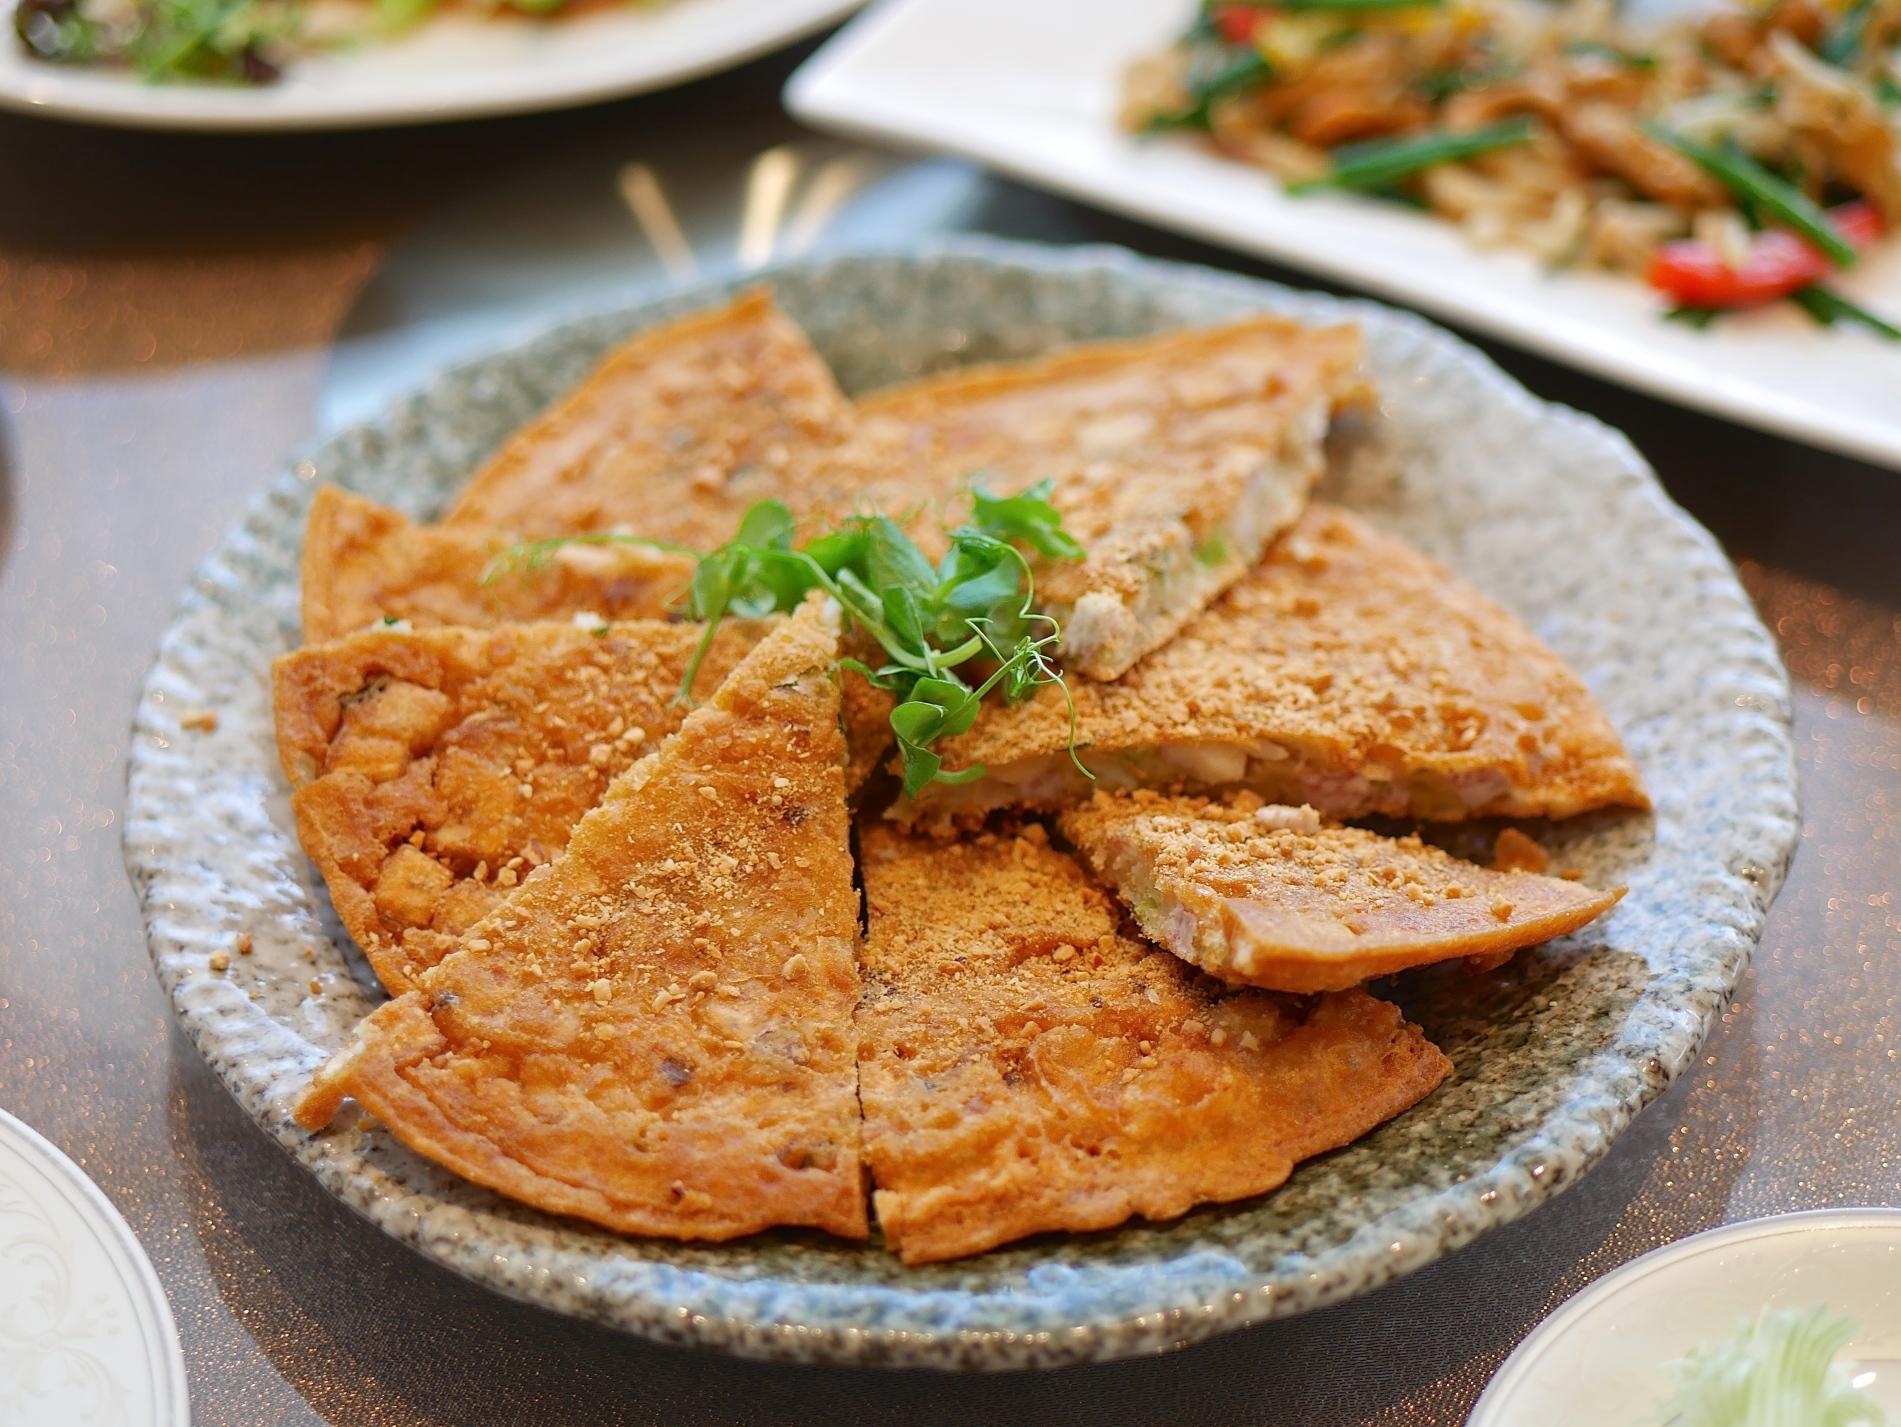 Teochew Pan-fried Seafood and Yam Pancake ($24)